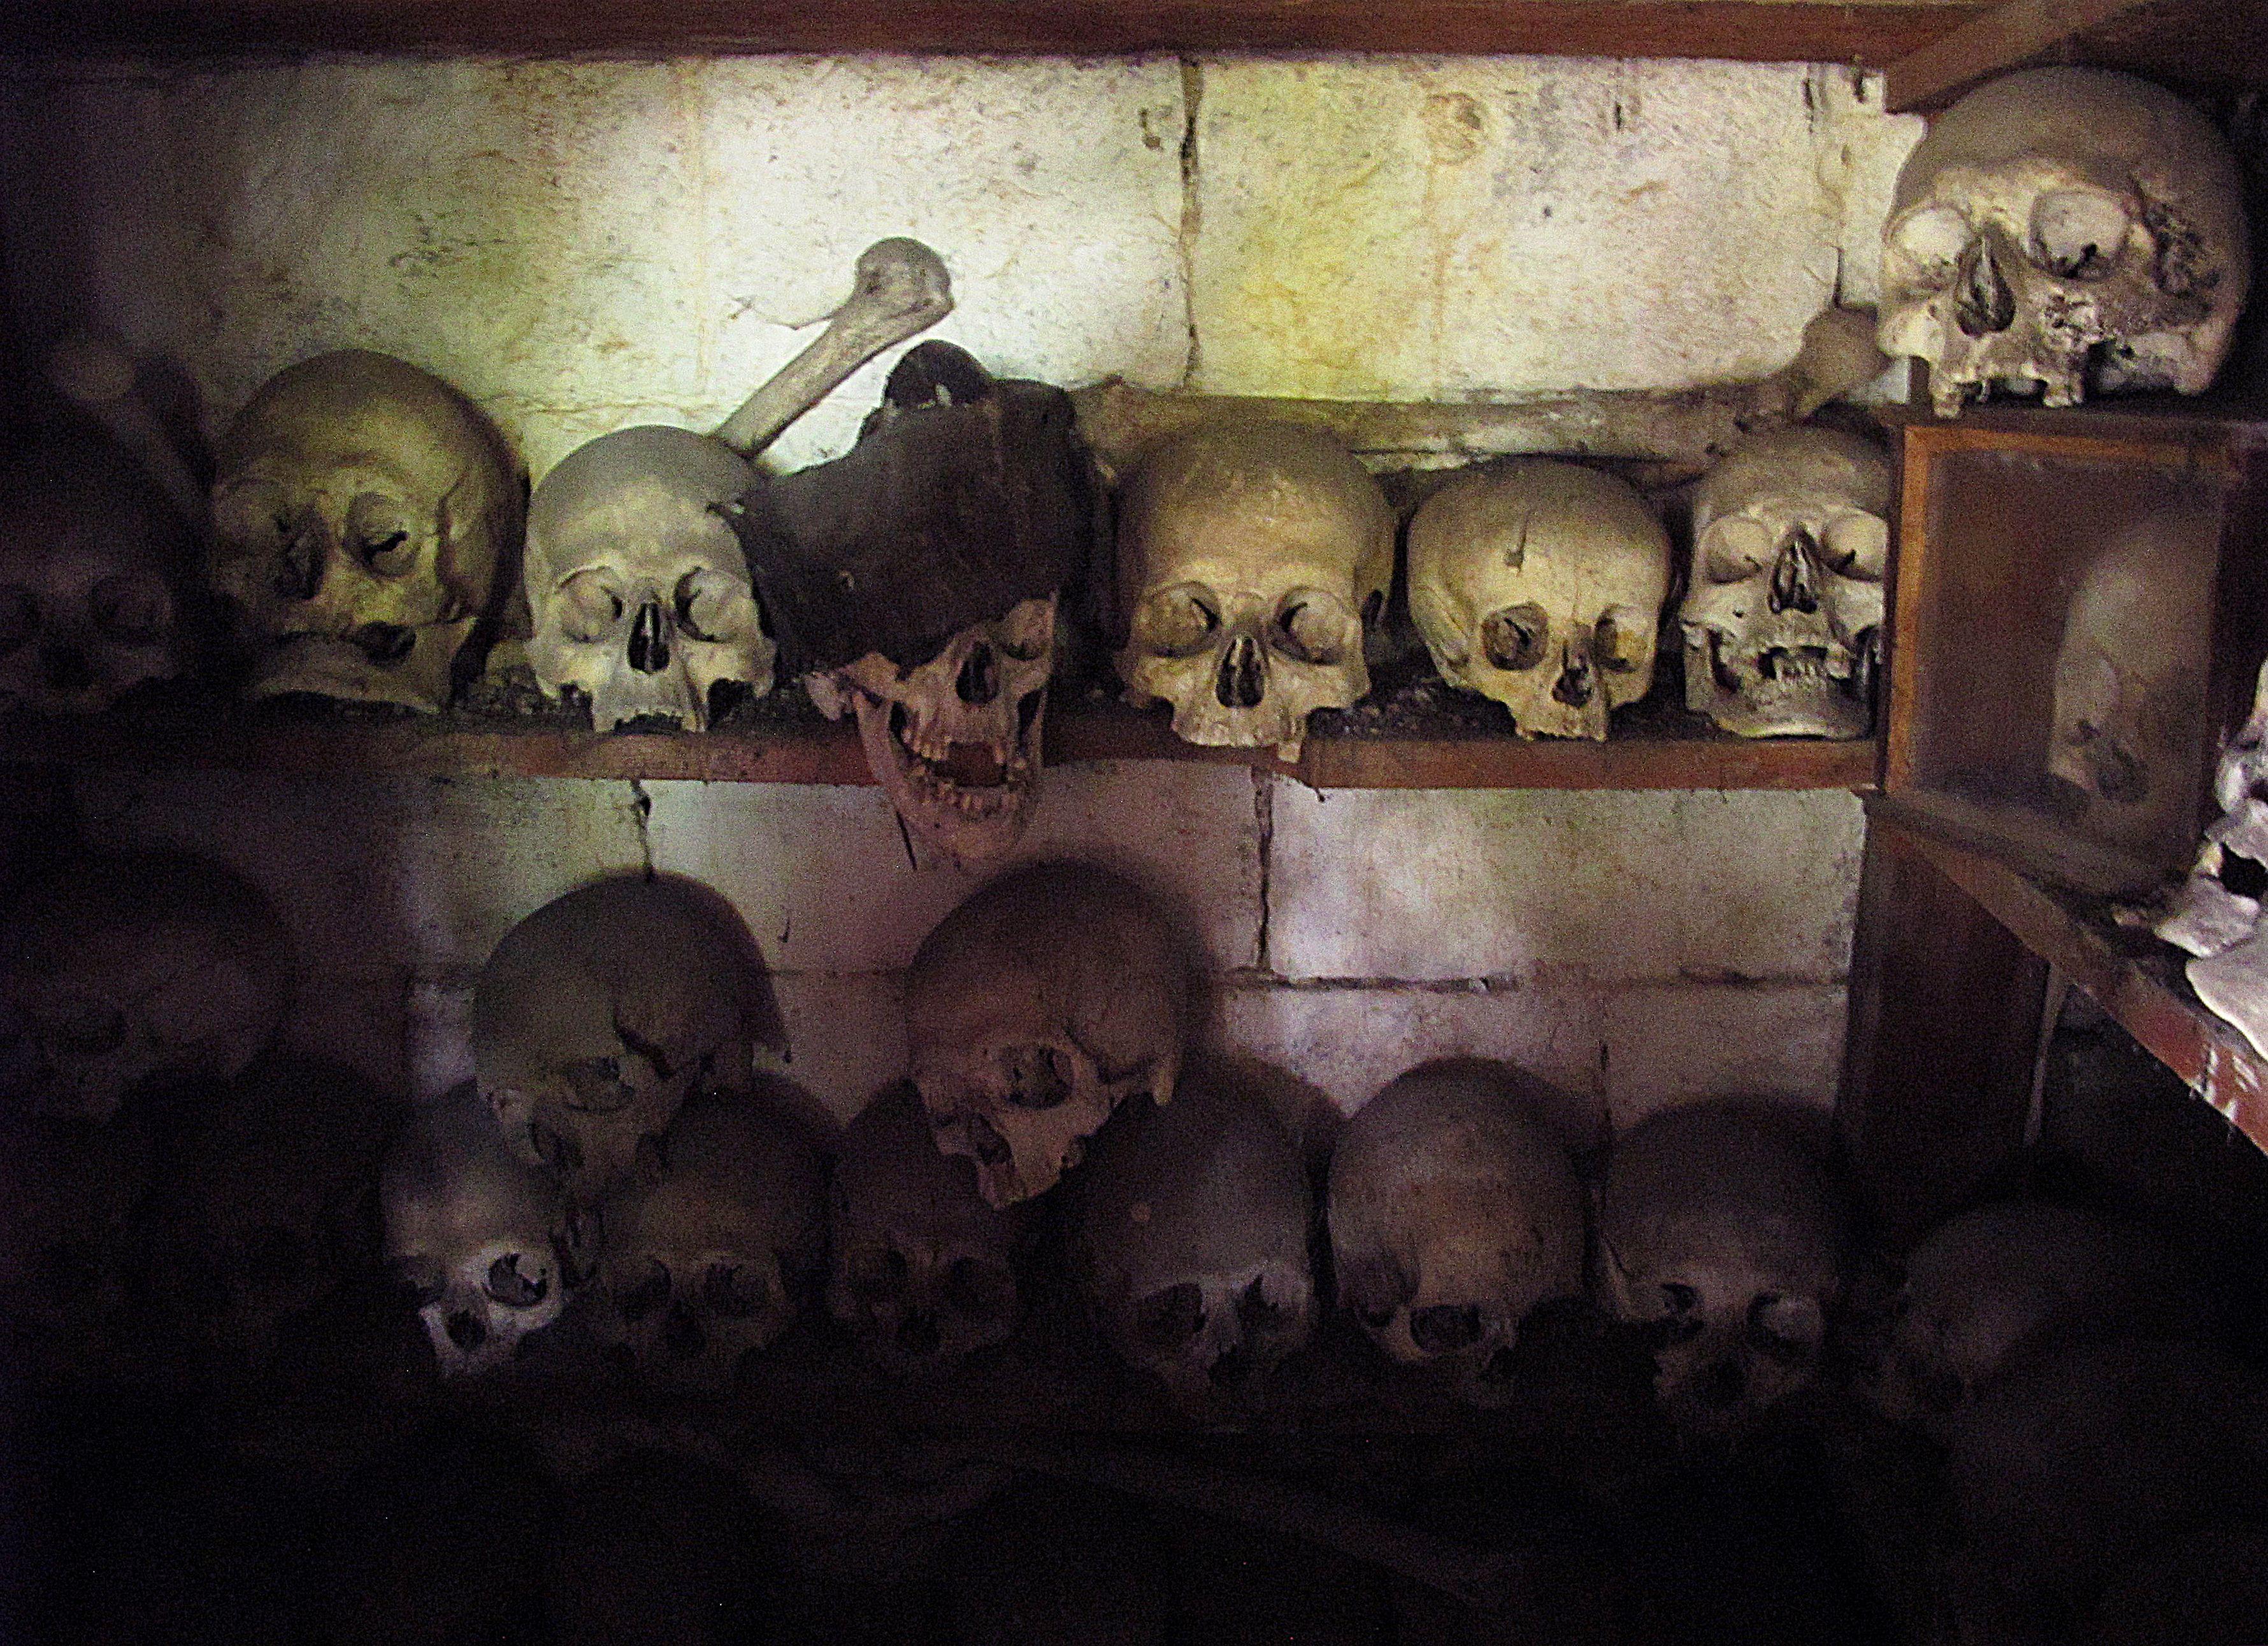 Church crypt, Torno, Italy.  Photo by Susan Pogany.